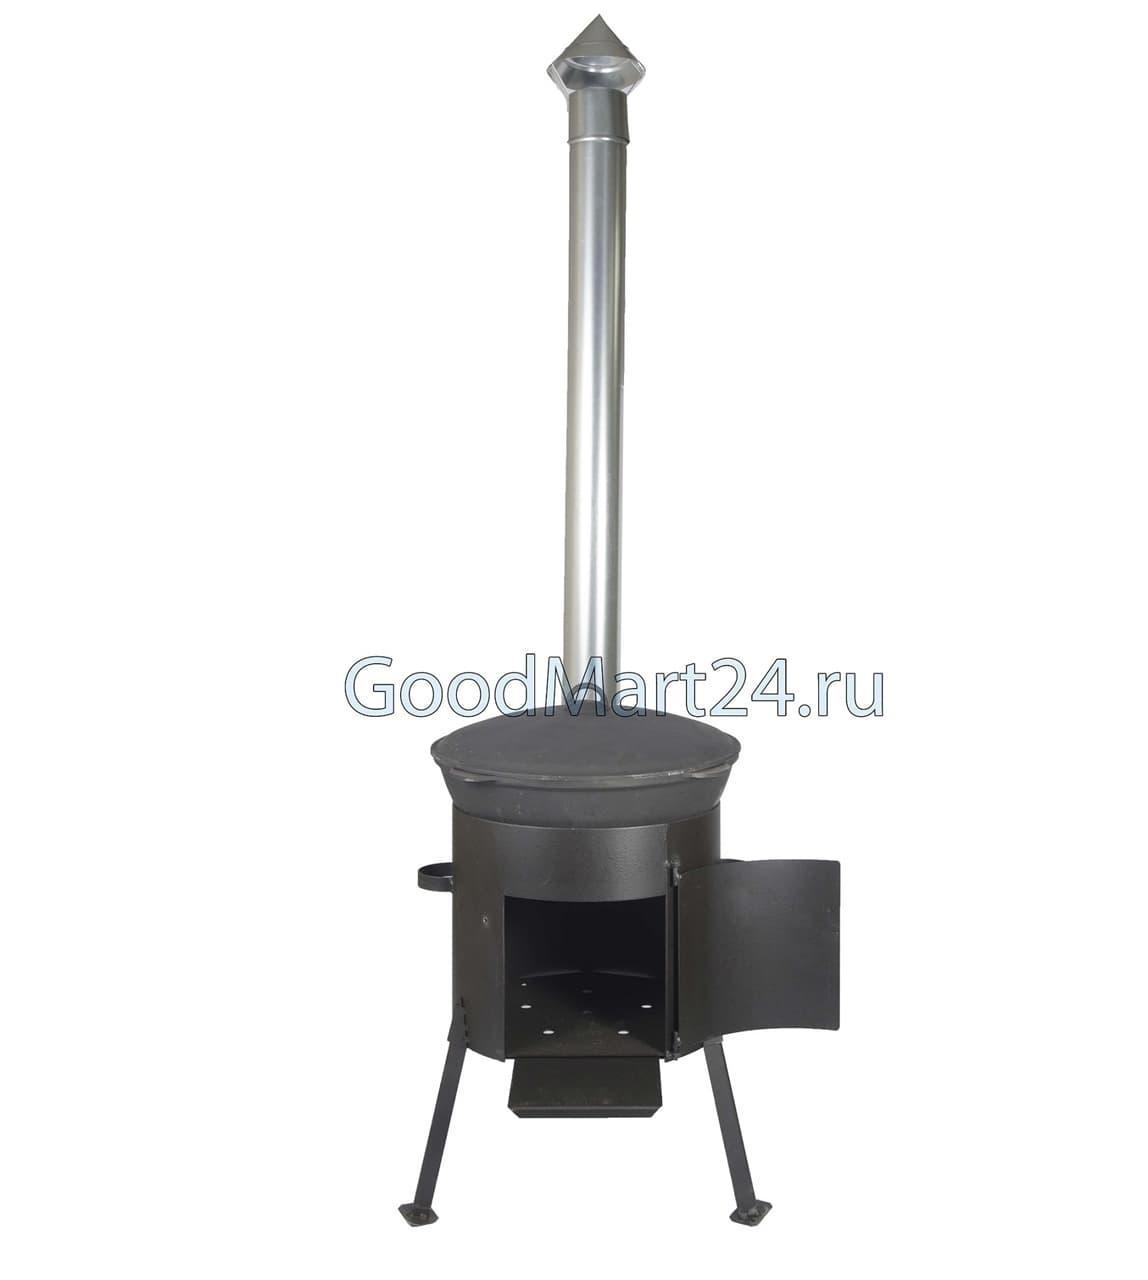 Комплект: Чугунный казан 10 л. Балезинский ЛМЗ + Печь с трубой D-360 мм, усиленная s- 3 мм.